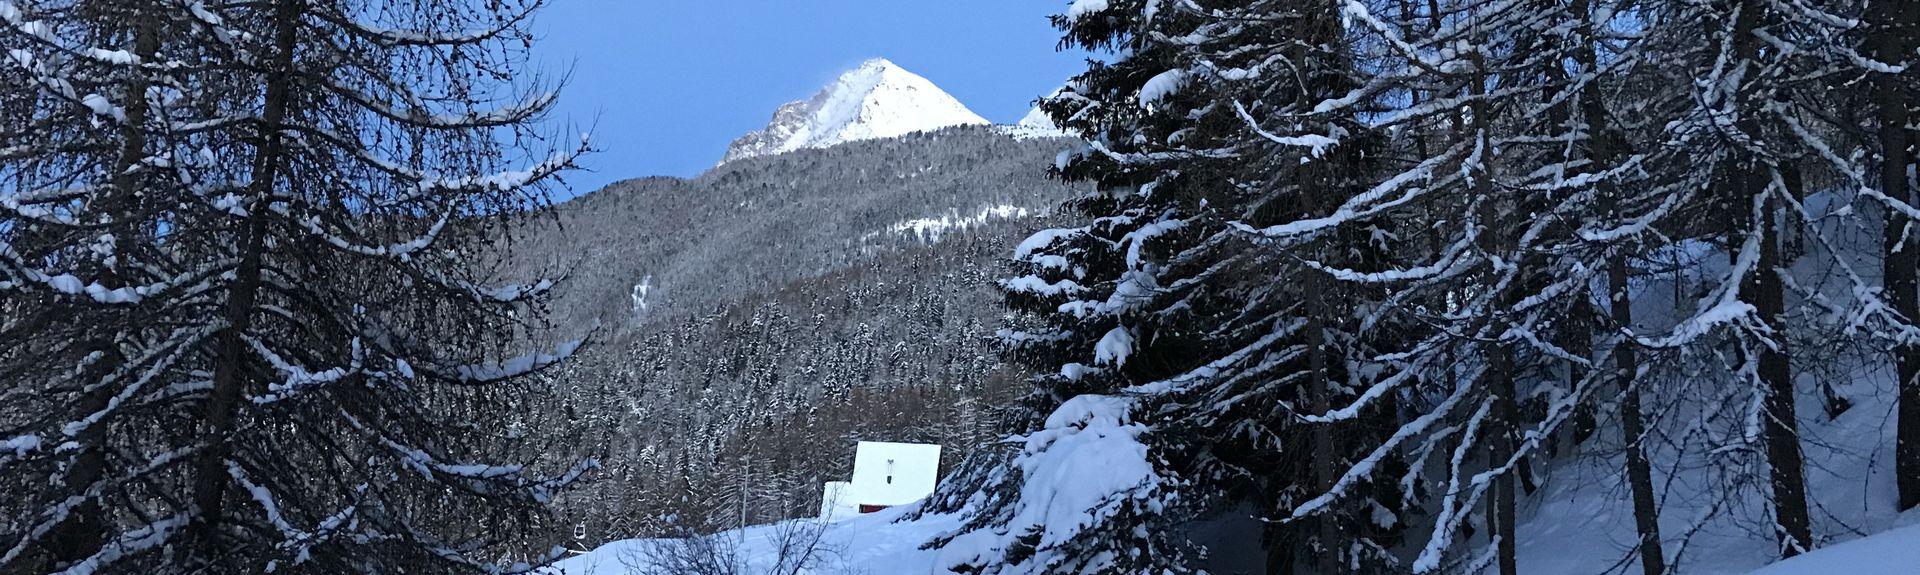 Étroubles, Aostatal, Italien